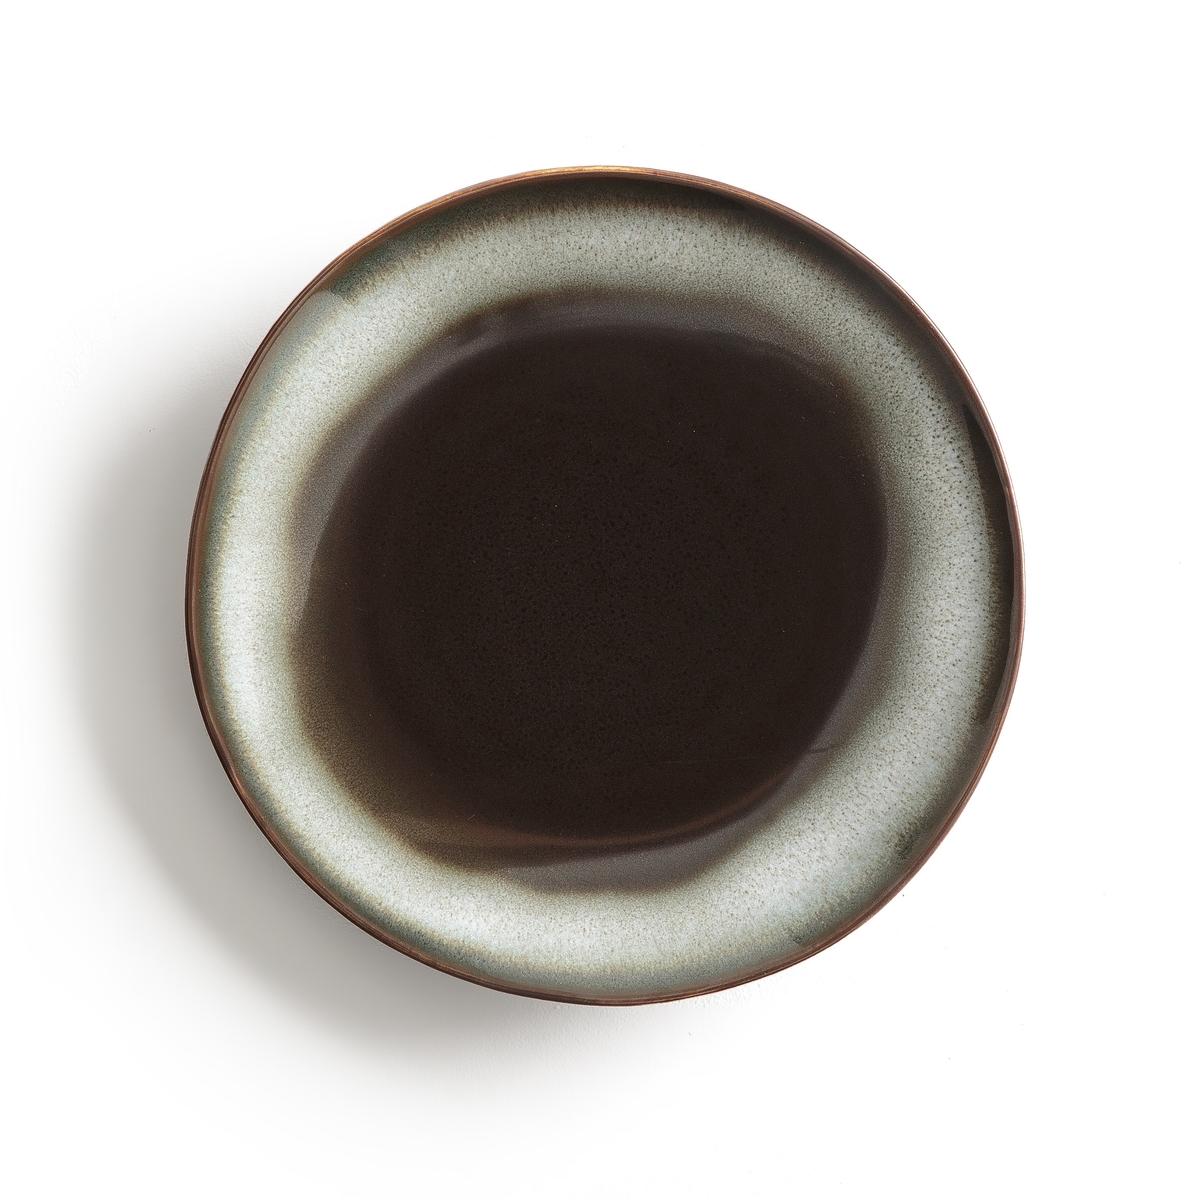 Комплект из 4 десертных тарелок из керамики Tadefi4 десертные тарелки из глазурованной керамики с отражающим эффектом Tadefi. Органическая форма, вдохновленная природой, и красивое покрытие глазурью. Можно использовать в посудомоечных машинах и микроволновых печах. Размеры: ?17 см. Глубокие и мелкие тарелки того же комплекта вы можете найти на нашем сайте.<br><br>Цвет: каштановый